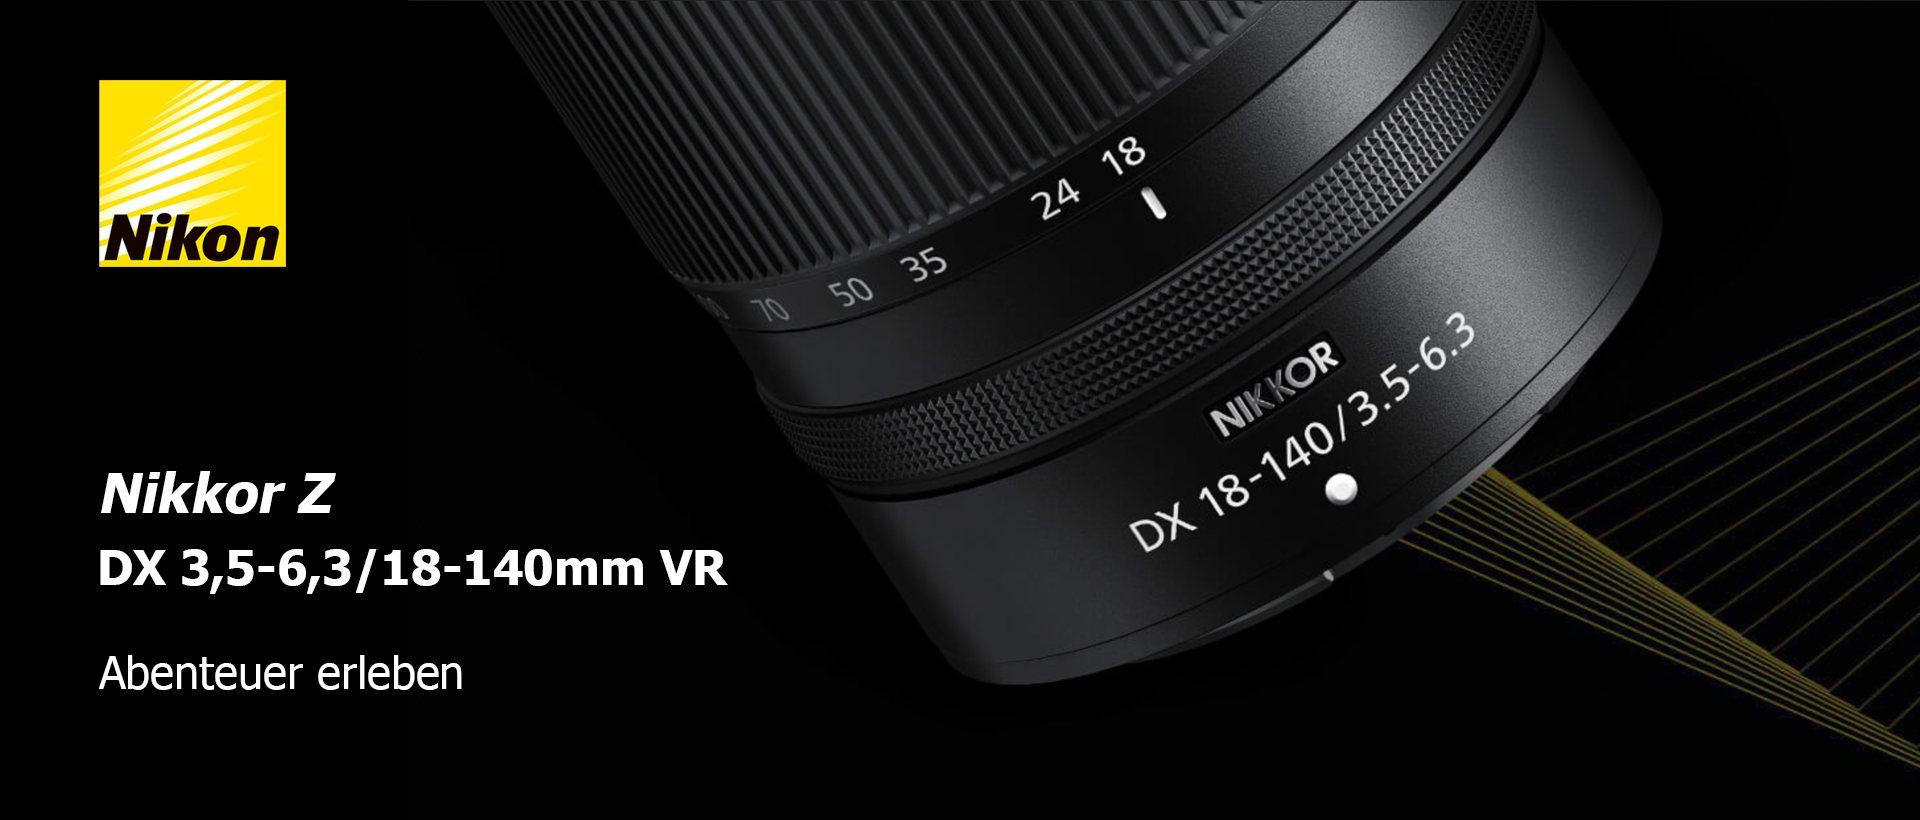 Nikon Z DX 3,5-6,3/18-140mm VR